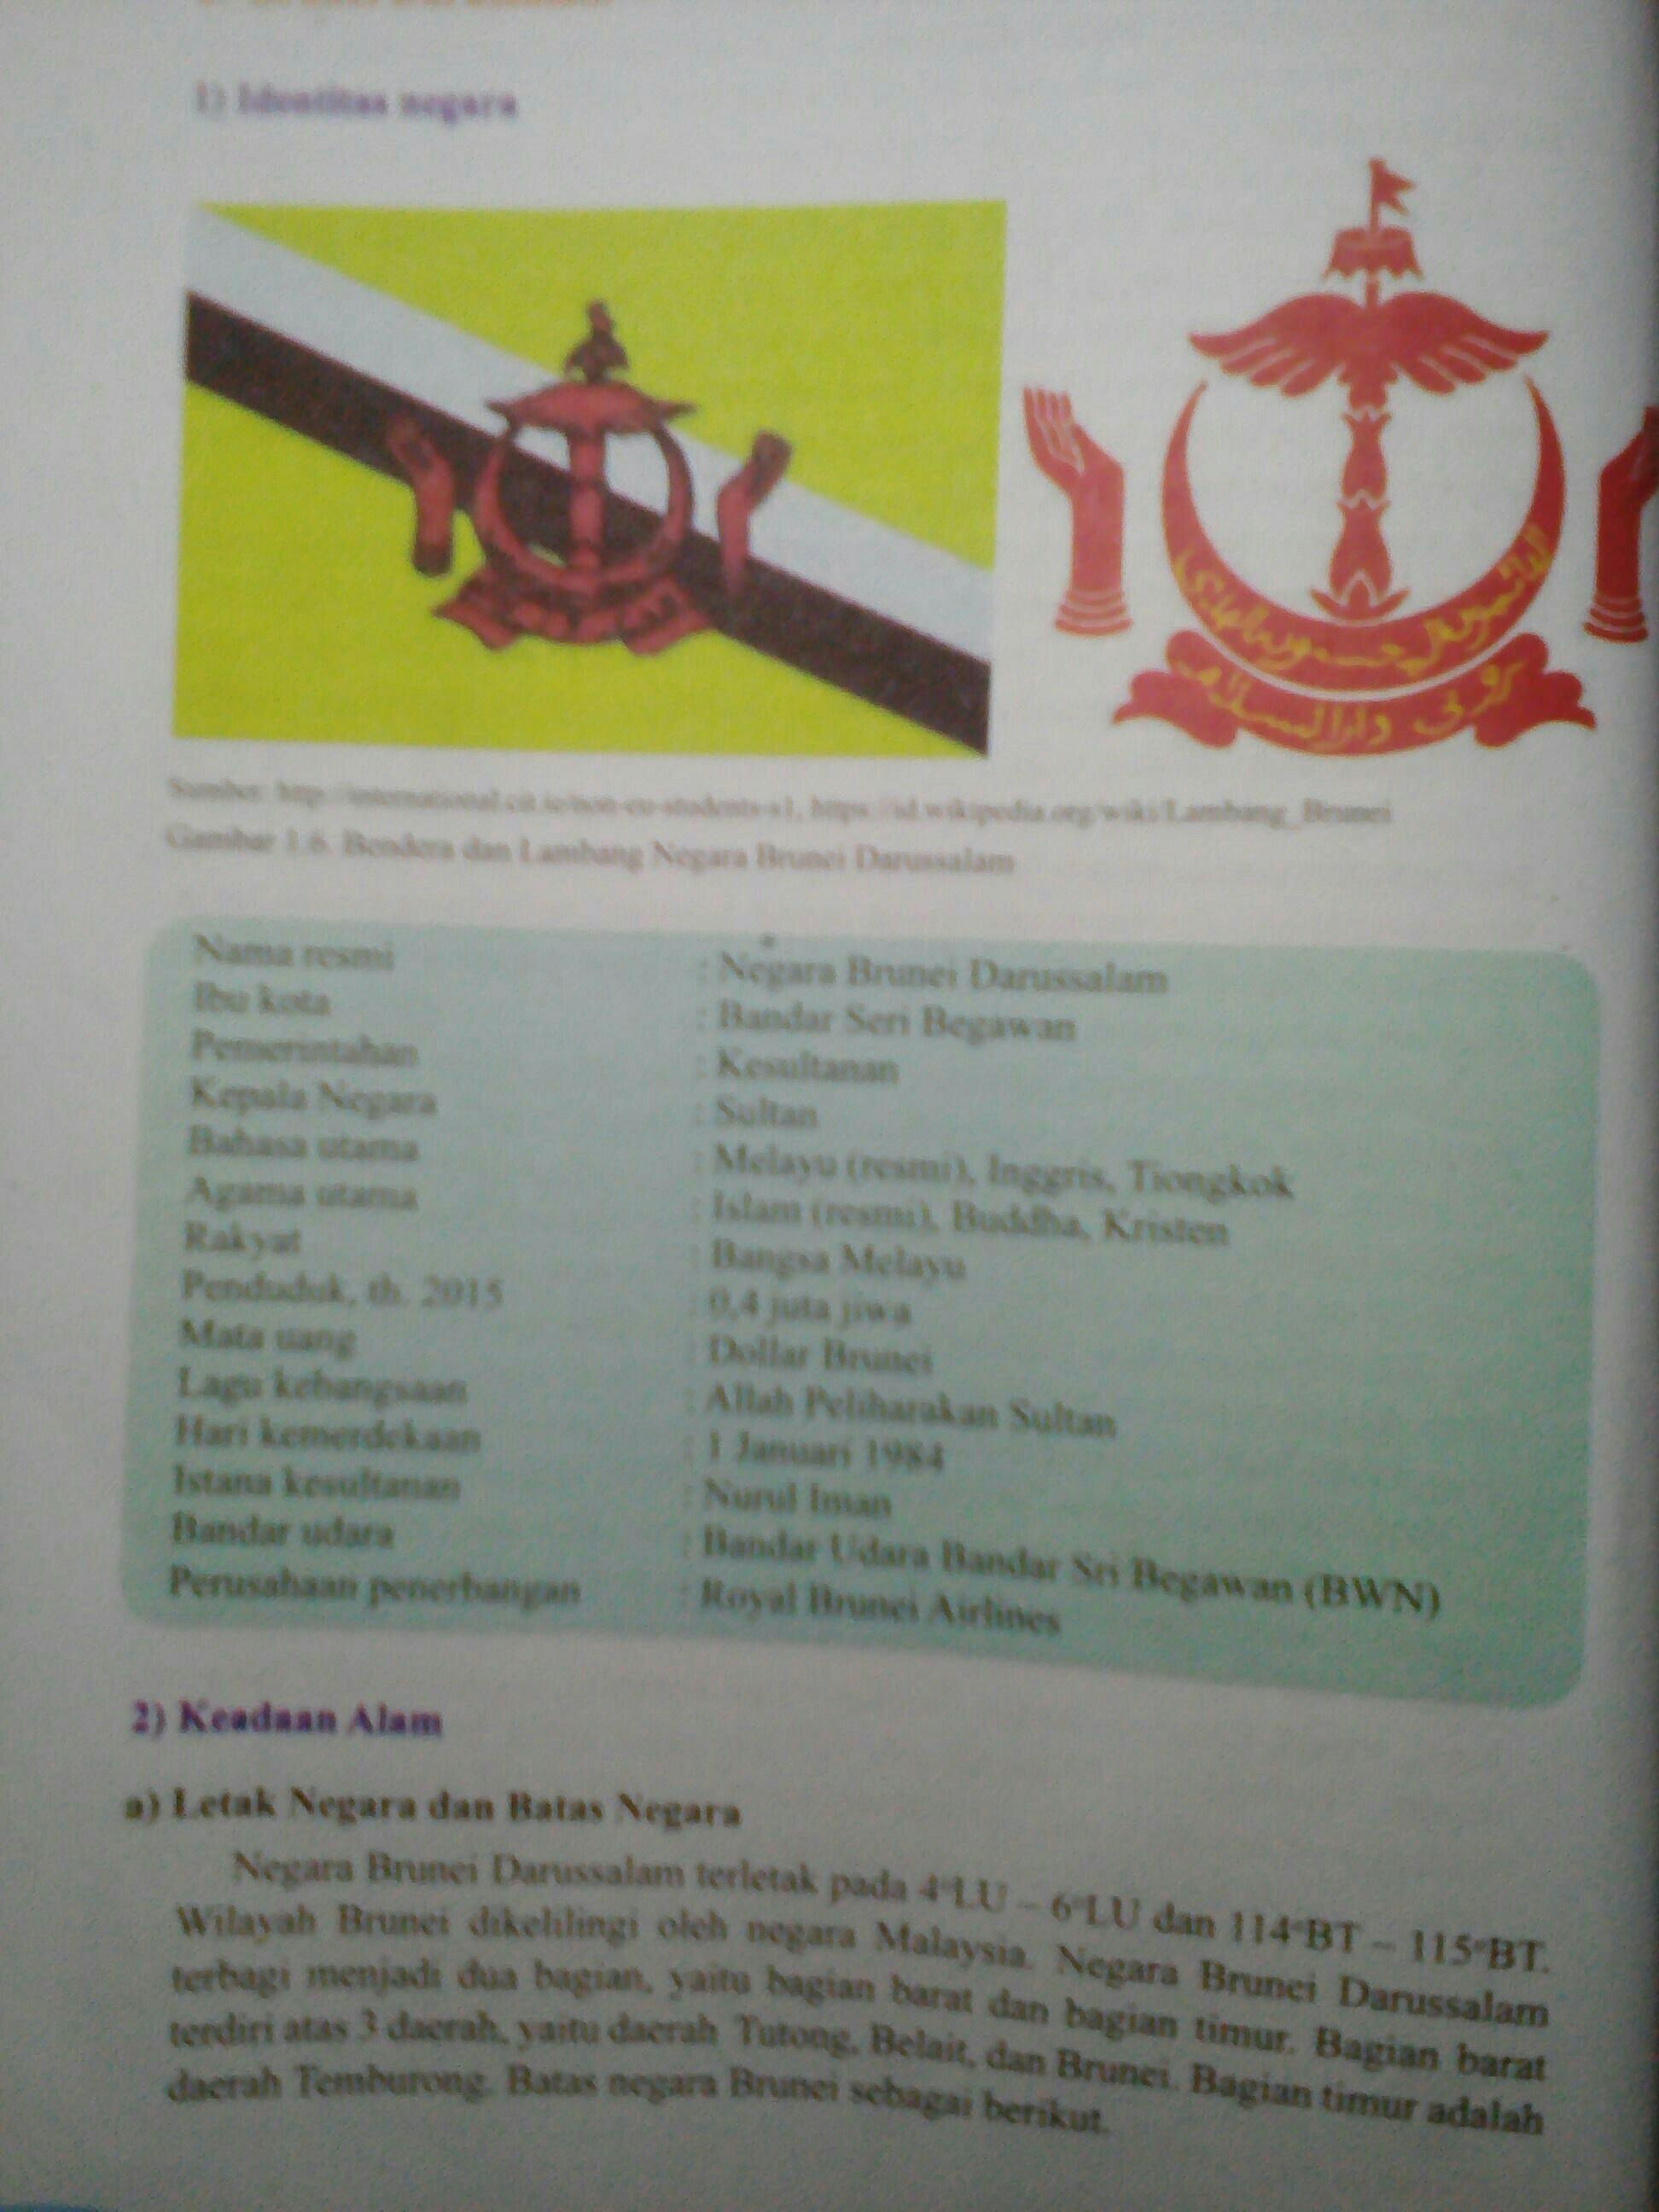 Sistem Pemerintahan Brunei Darussalam : sistem, pemerintahan, brunei, darussalam, Bentuk, Pemerintahan, Negare, Brunei, Darussalam, Ialah, Brainly.co.id